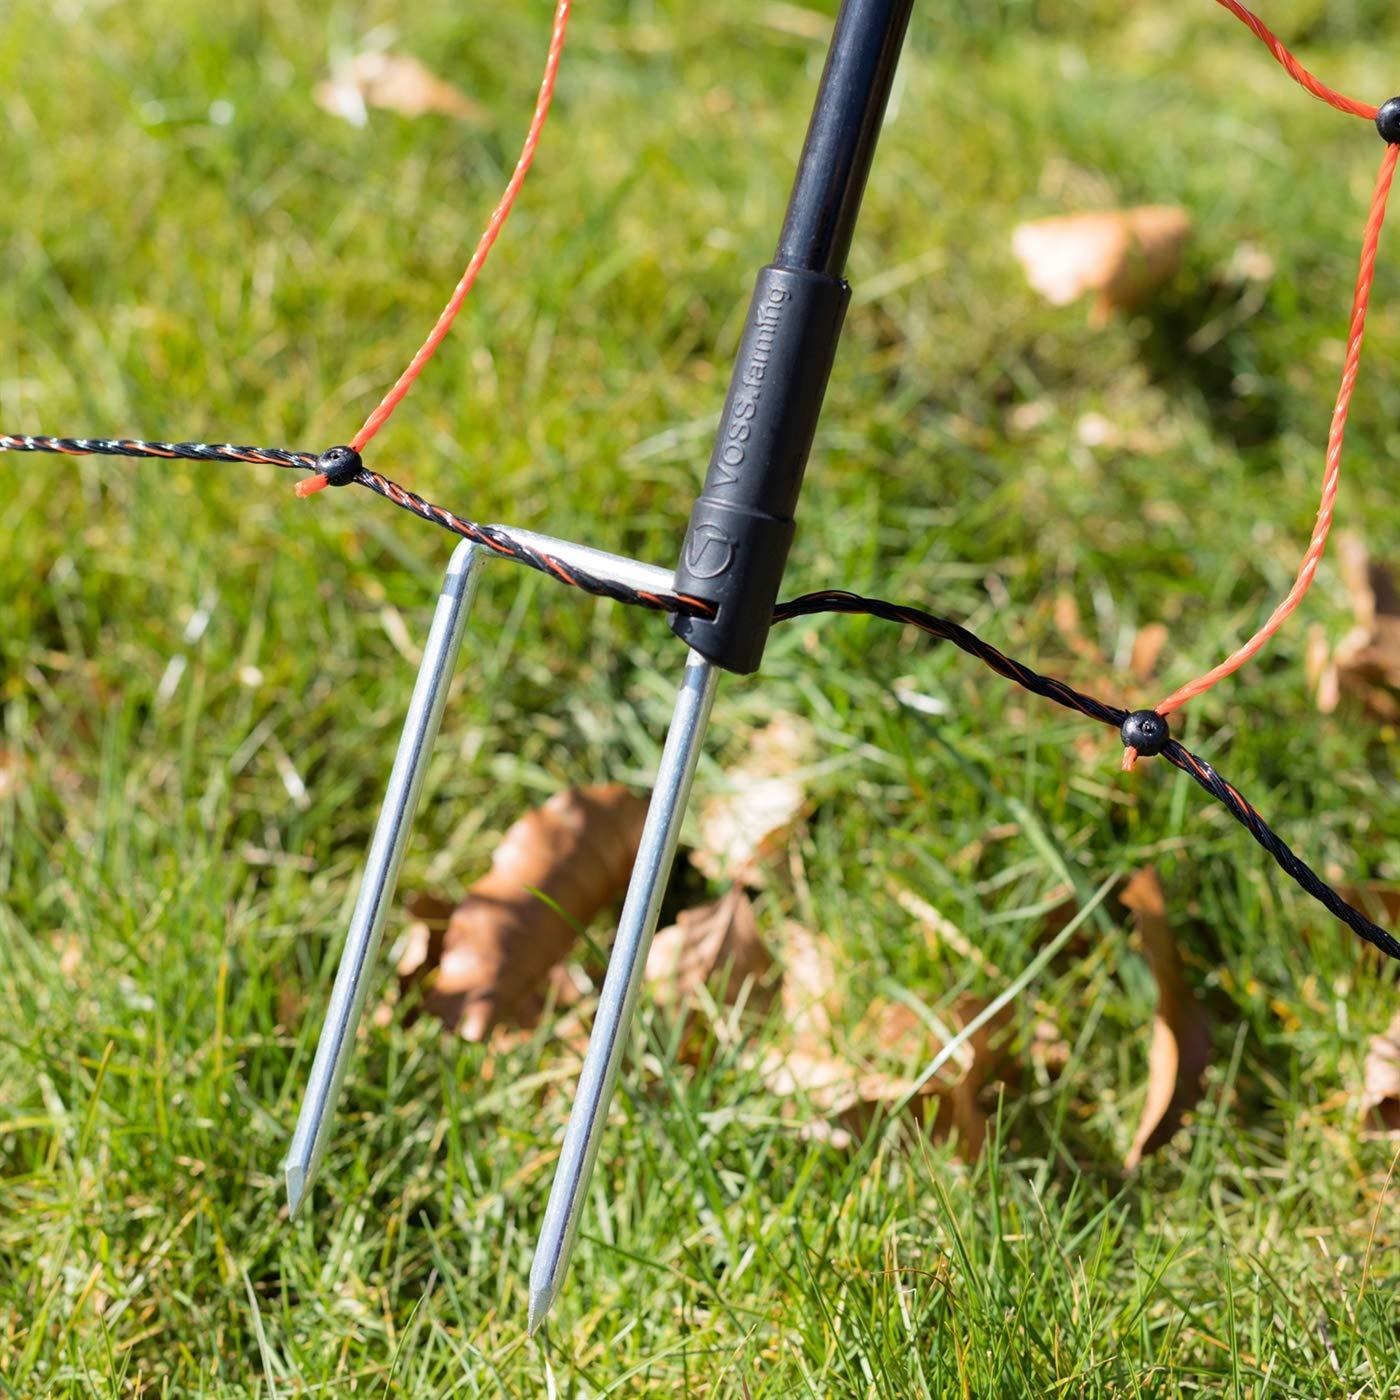 hochwertiger Fiberglaspfahl f/ür den Weidezaun Ersatzpfahl f/ür Elektrozaunnetz 2 Spitzen schwarz VOSS.farming NETmaster Zusatzpfahl 90cm